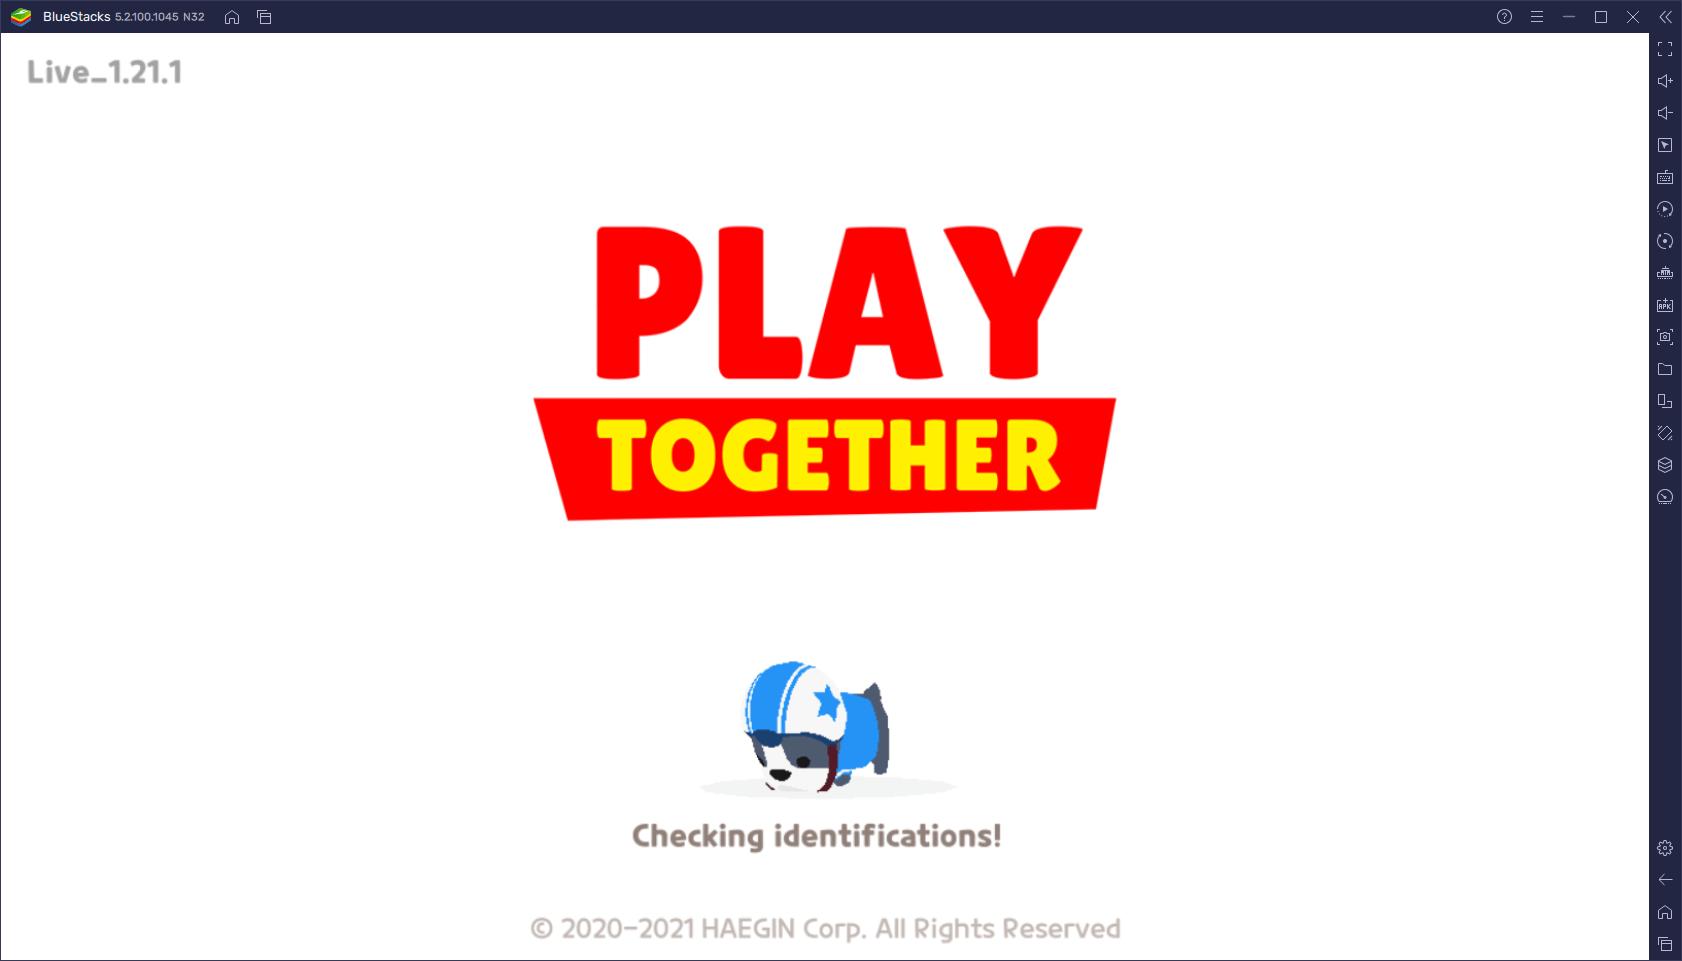 كيفية الحصول على أفضل الرسومات الجرافيك وأفضل الأداء في لعبة Play Together باستخدام محاكي Bluestacks